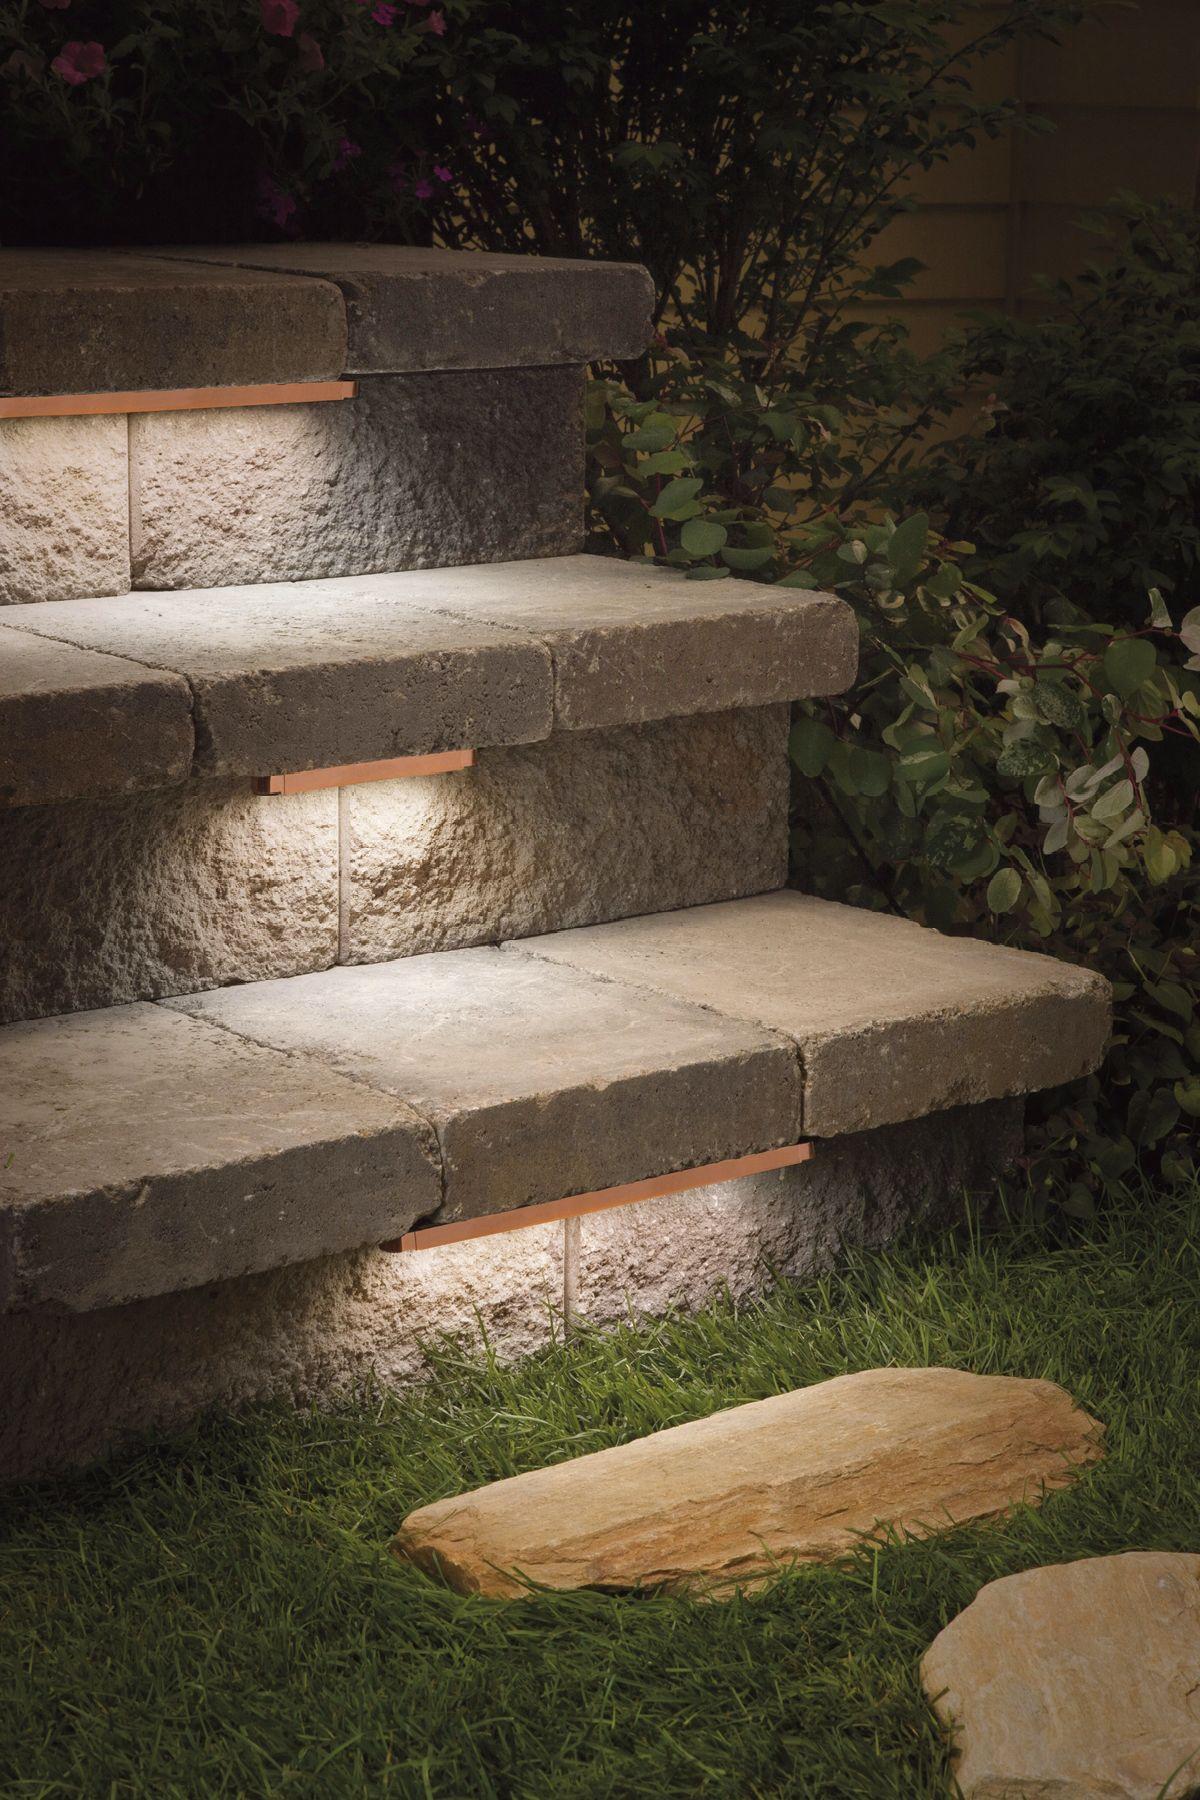 Kichler Bronze 6-LED Hardscape Deck Step and Bench Light  sc 1 st  L&s Plus & Kichler Low Voltage Landscape Lighting | Lamps Plus azcodes.com